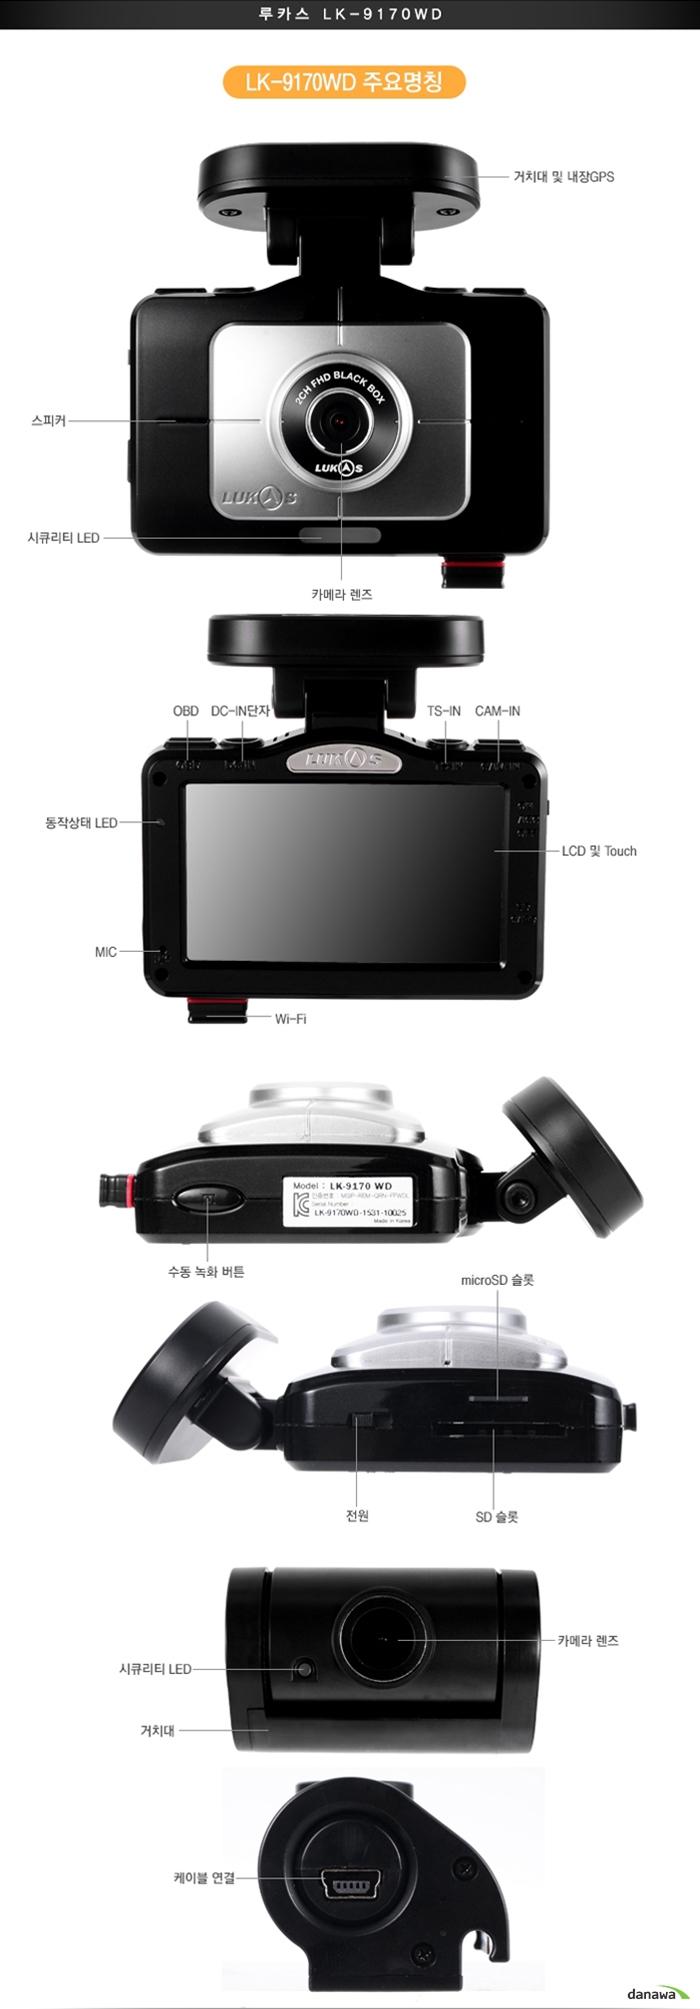 루카스 LK-9170WDLK-9170WD 주요명칭거치대 및 내장GPS, 스피커, 시큐리티 LED카메라렌즈,OBD,DC-IN단자 TS-IN,CAM-IN동작상태 LED , LCD 및 TouchMIC, Wi-Fi수동 녹화 버튼microSD 슬롯,전원,SD슬롯,시큐리티 LED카메라 렌즈,거치대,케이블 연결